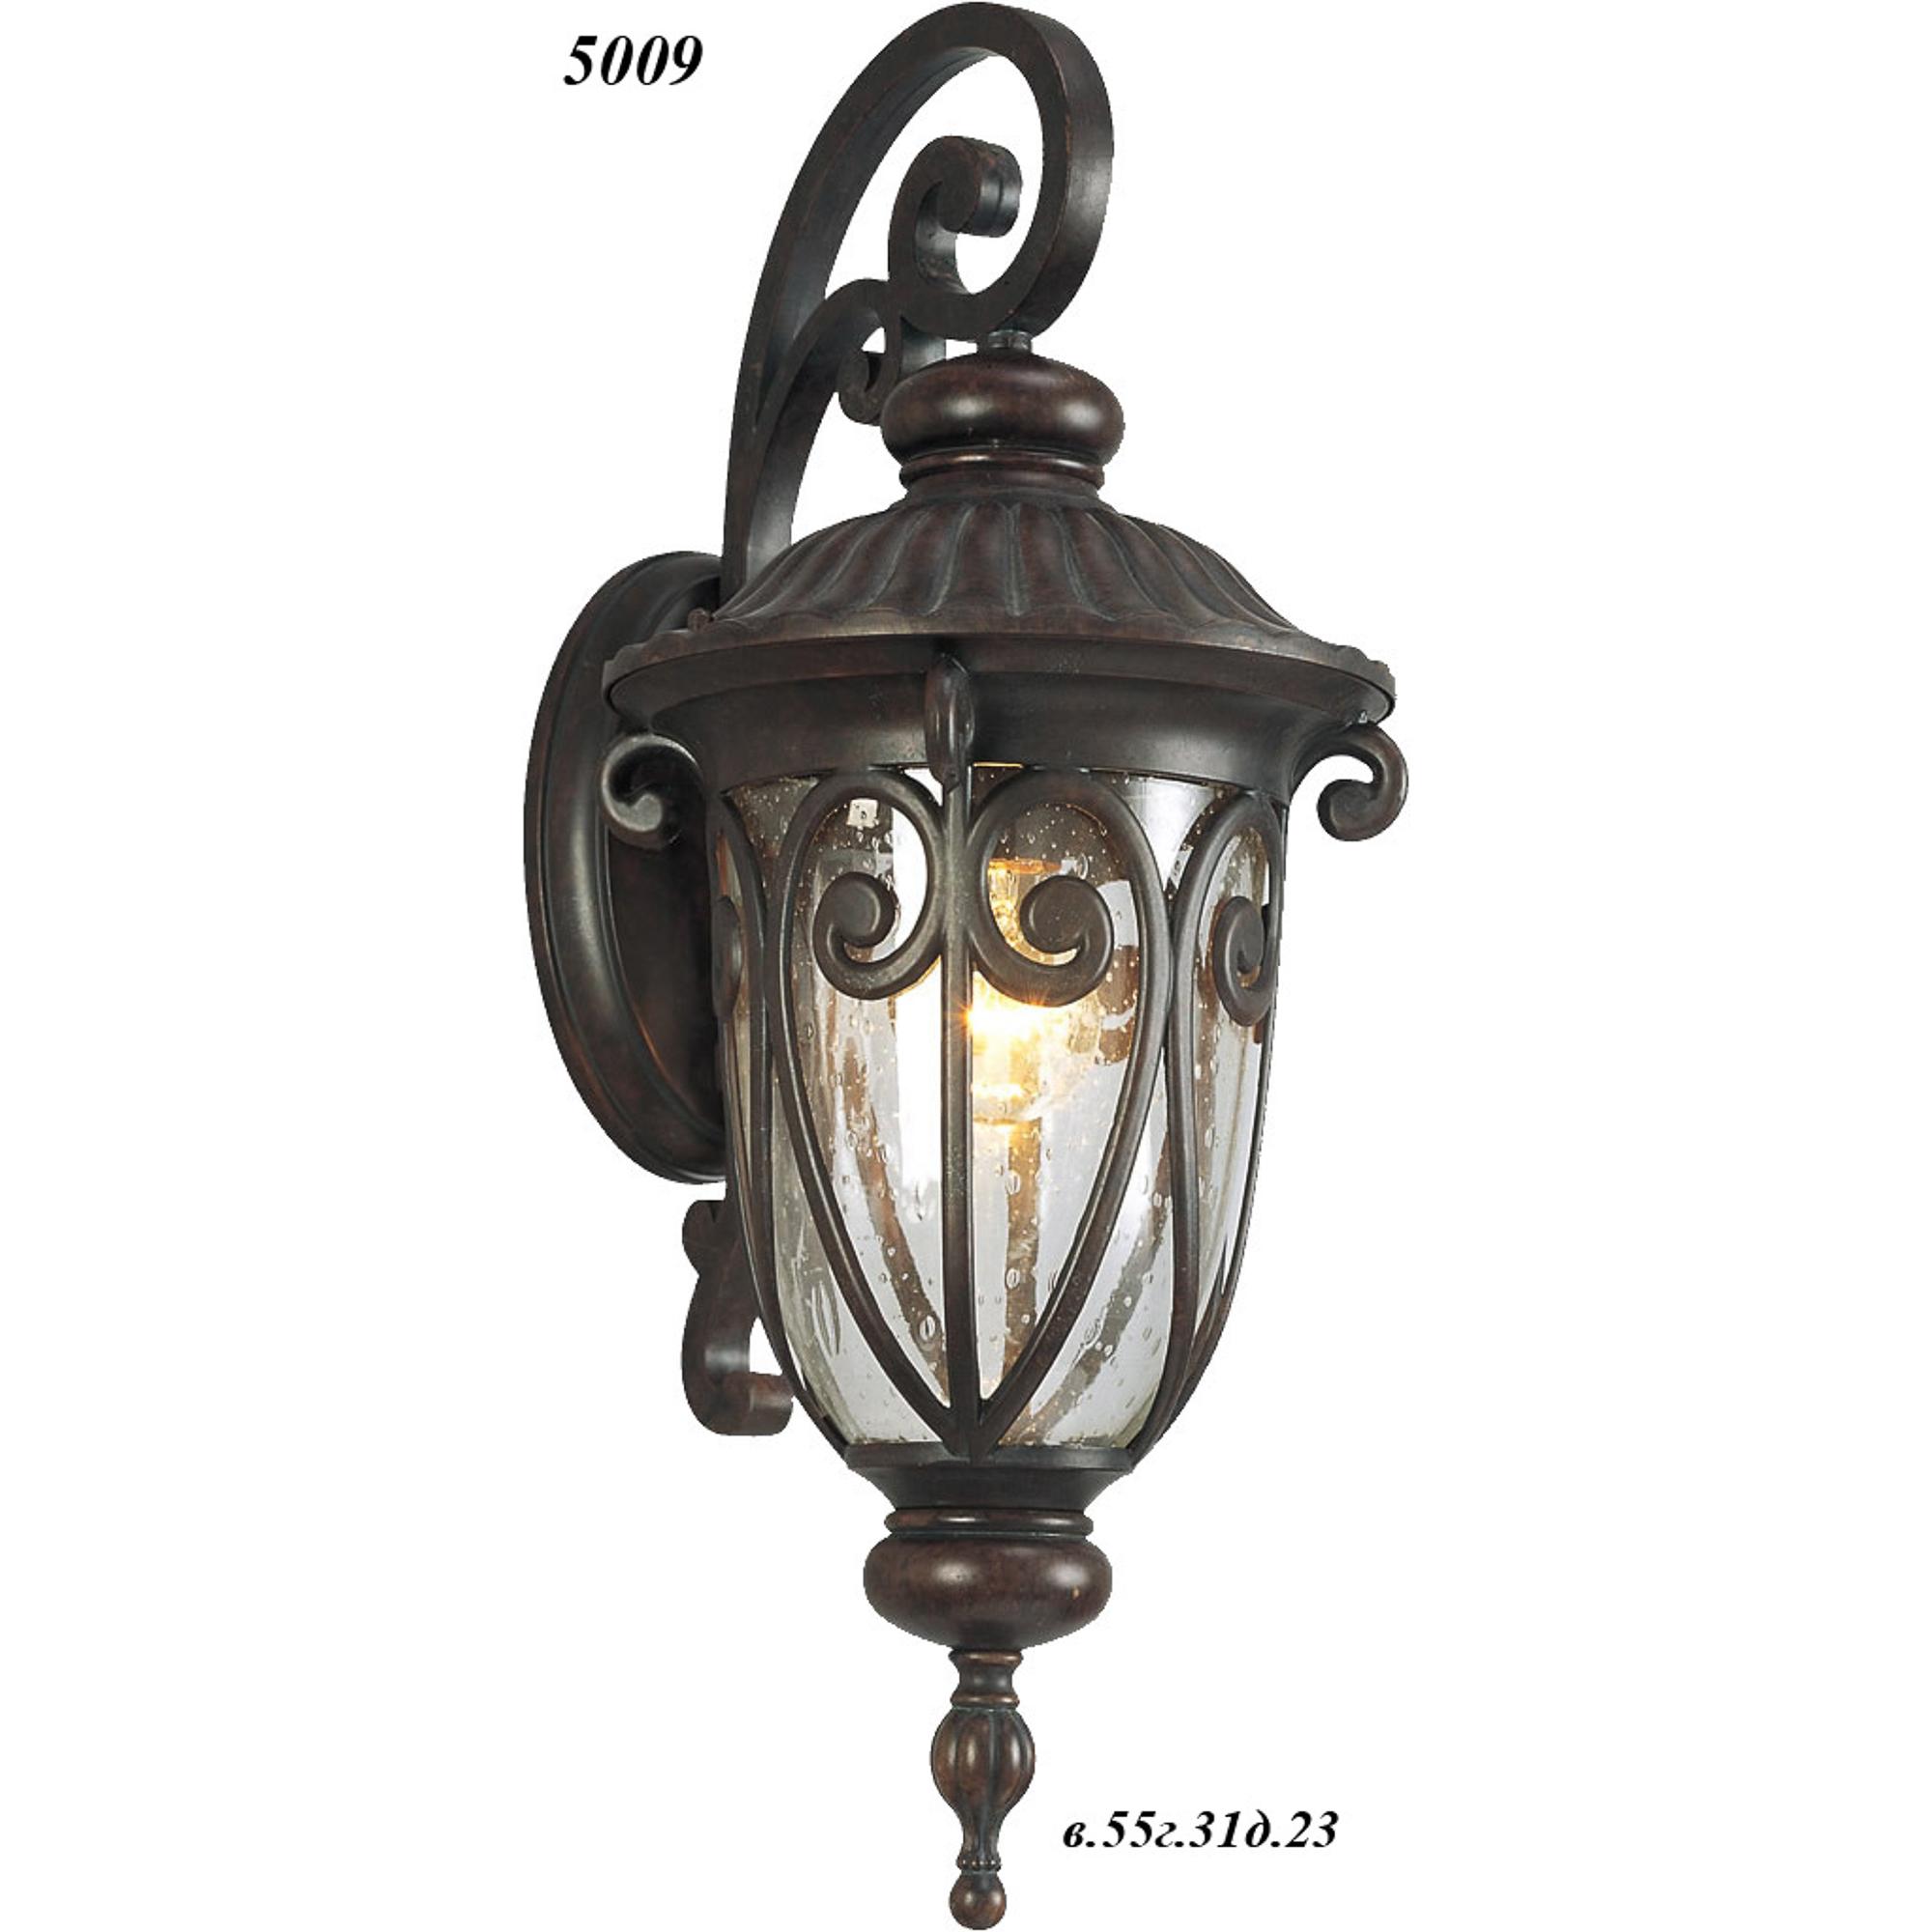 Бра Catic 5009 ковка/темно-коричневый